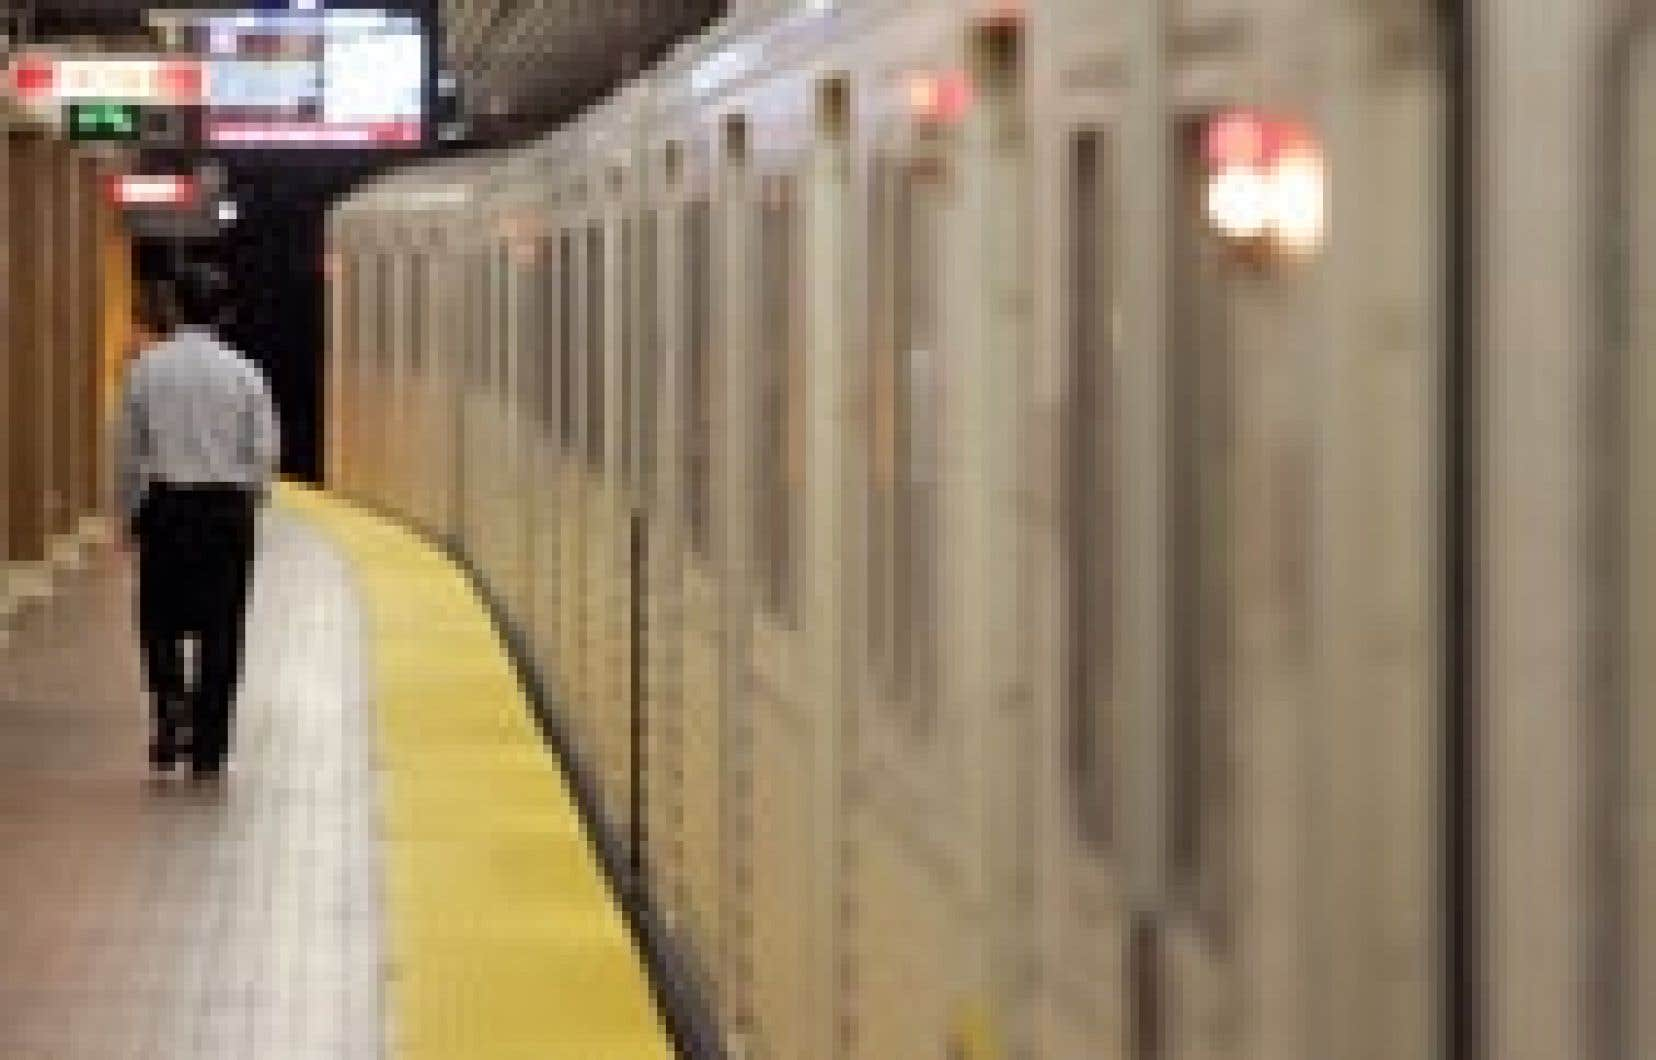 L'opposition au financement du projet du métro de Toronto est venue de conseillers en désaccord avec le fait que le contrat soit accordé unilatéralement, sans appel d'offres, à Bombardier.